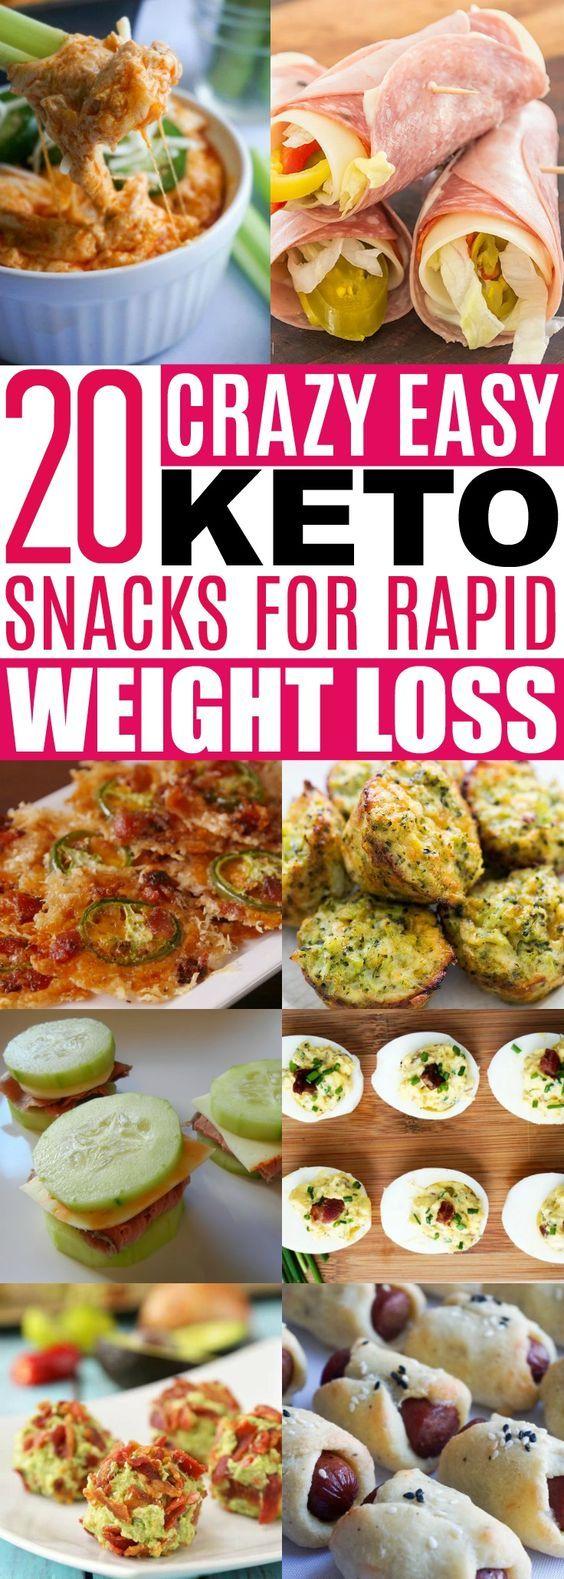 20 Keto Snacks - Rapid Weight Loss #keto #lowcarb #ketogenic